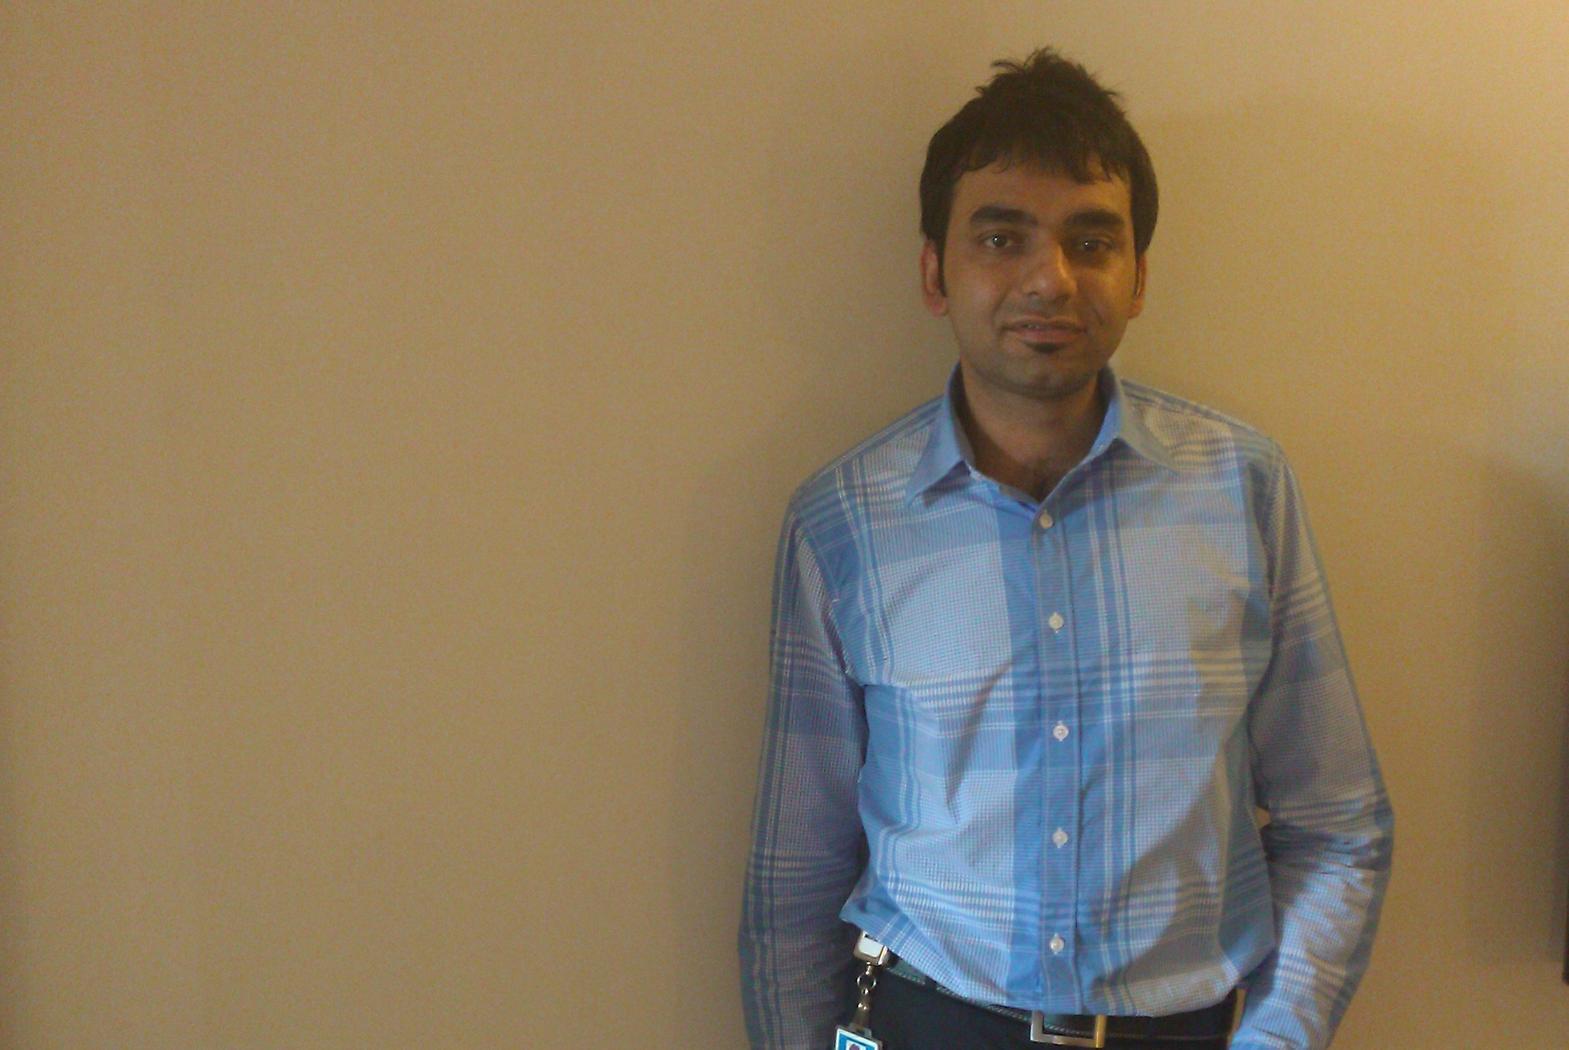 Rahul Chugh